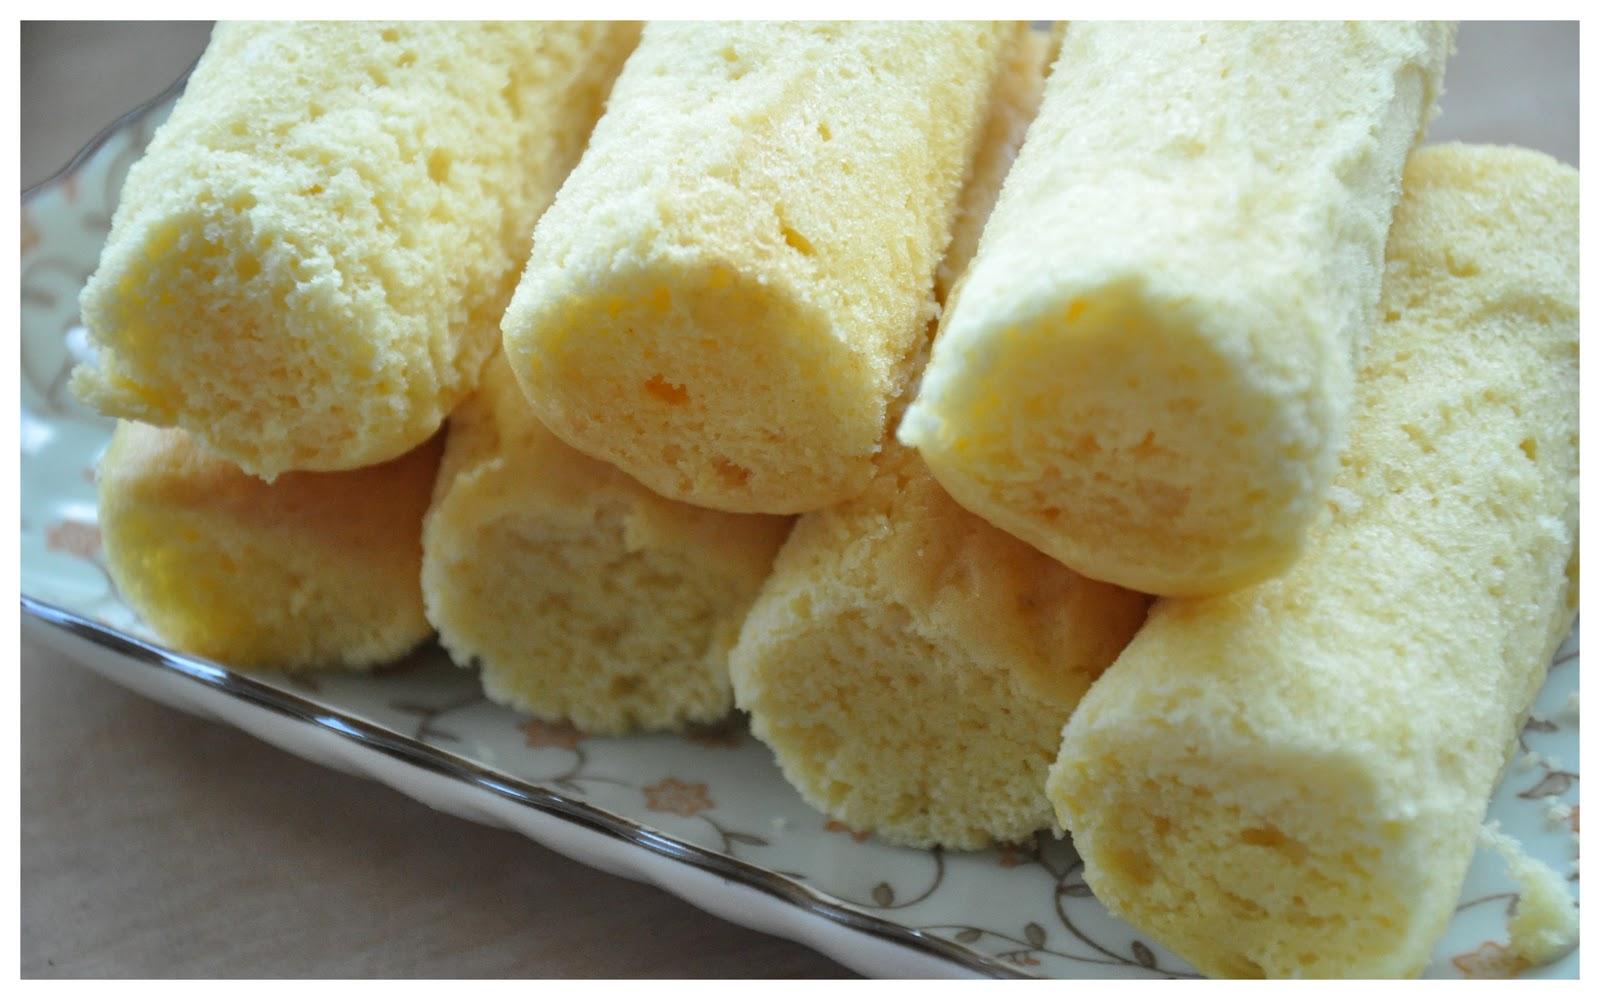 Jyotsna's World: Homemade Twinkies!